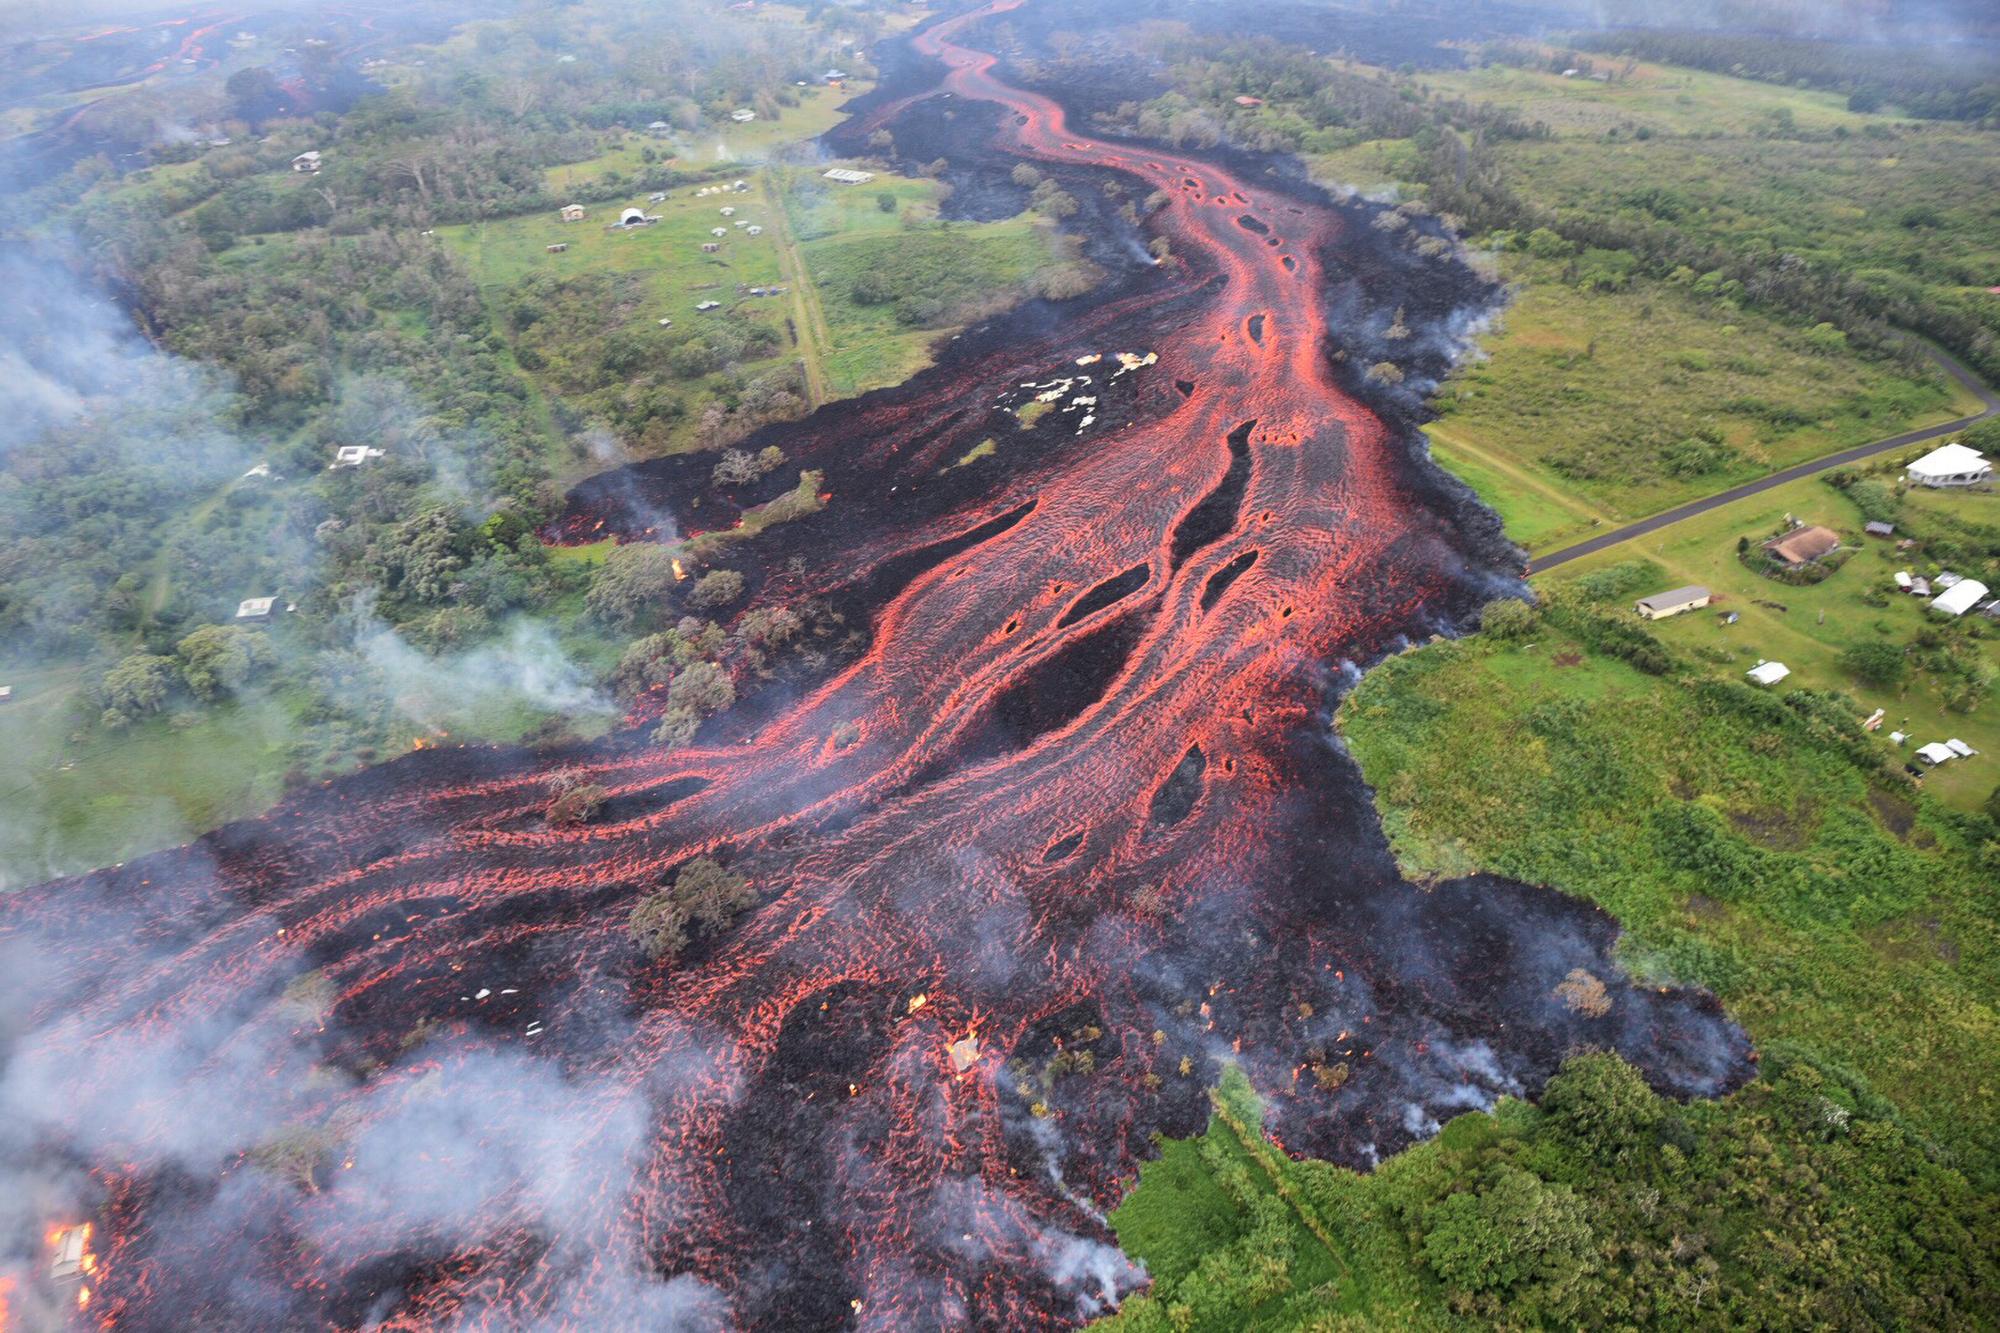 5월 19일 하와이 파호아 인근에서 생긴 지표면의 갈라진 틈으로 용암이 흘러나오고 있다. [AP=연합뉴스]